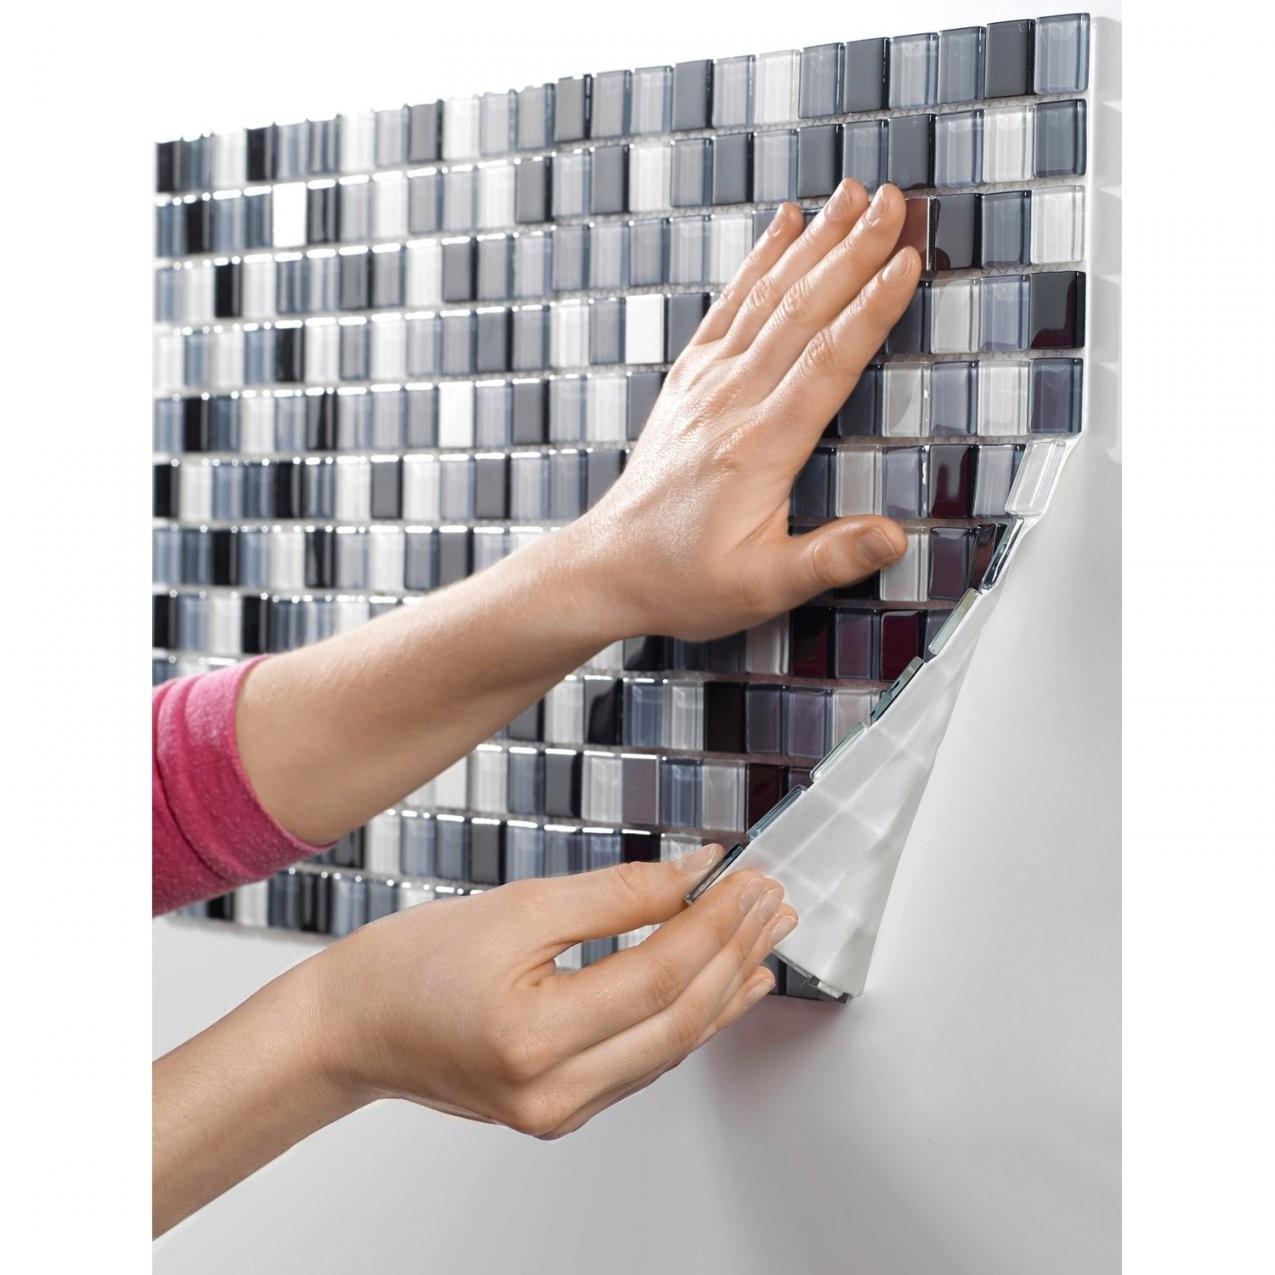 Glasmosaikmatte Schwarz Selbstklebend 30 Cm X 30 Cm Kaufen Bei Obi von Mosaik Fliesen Obi Photo